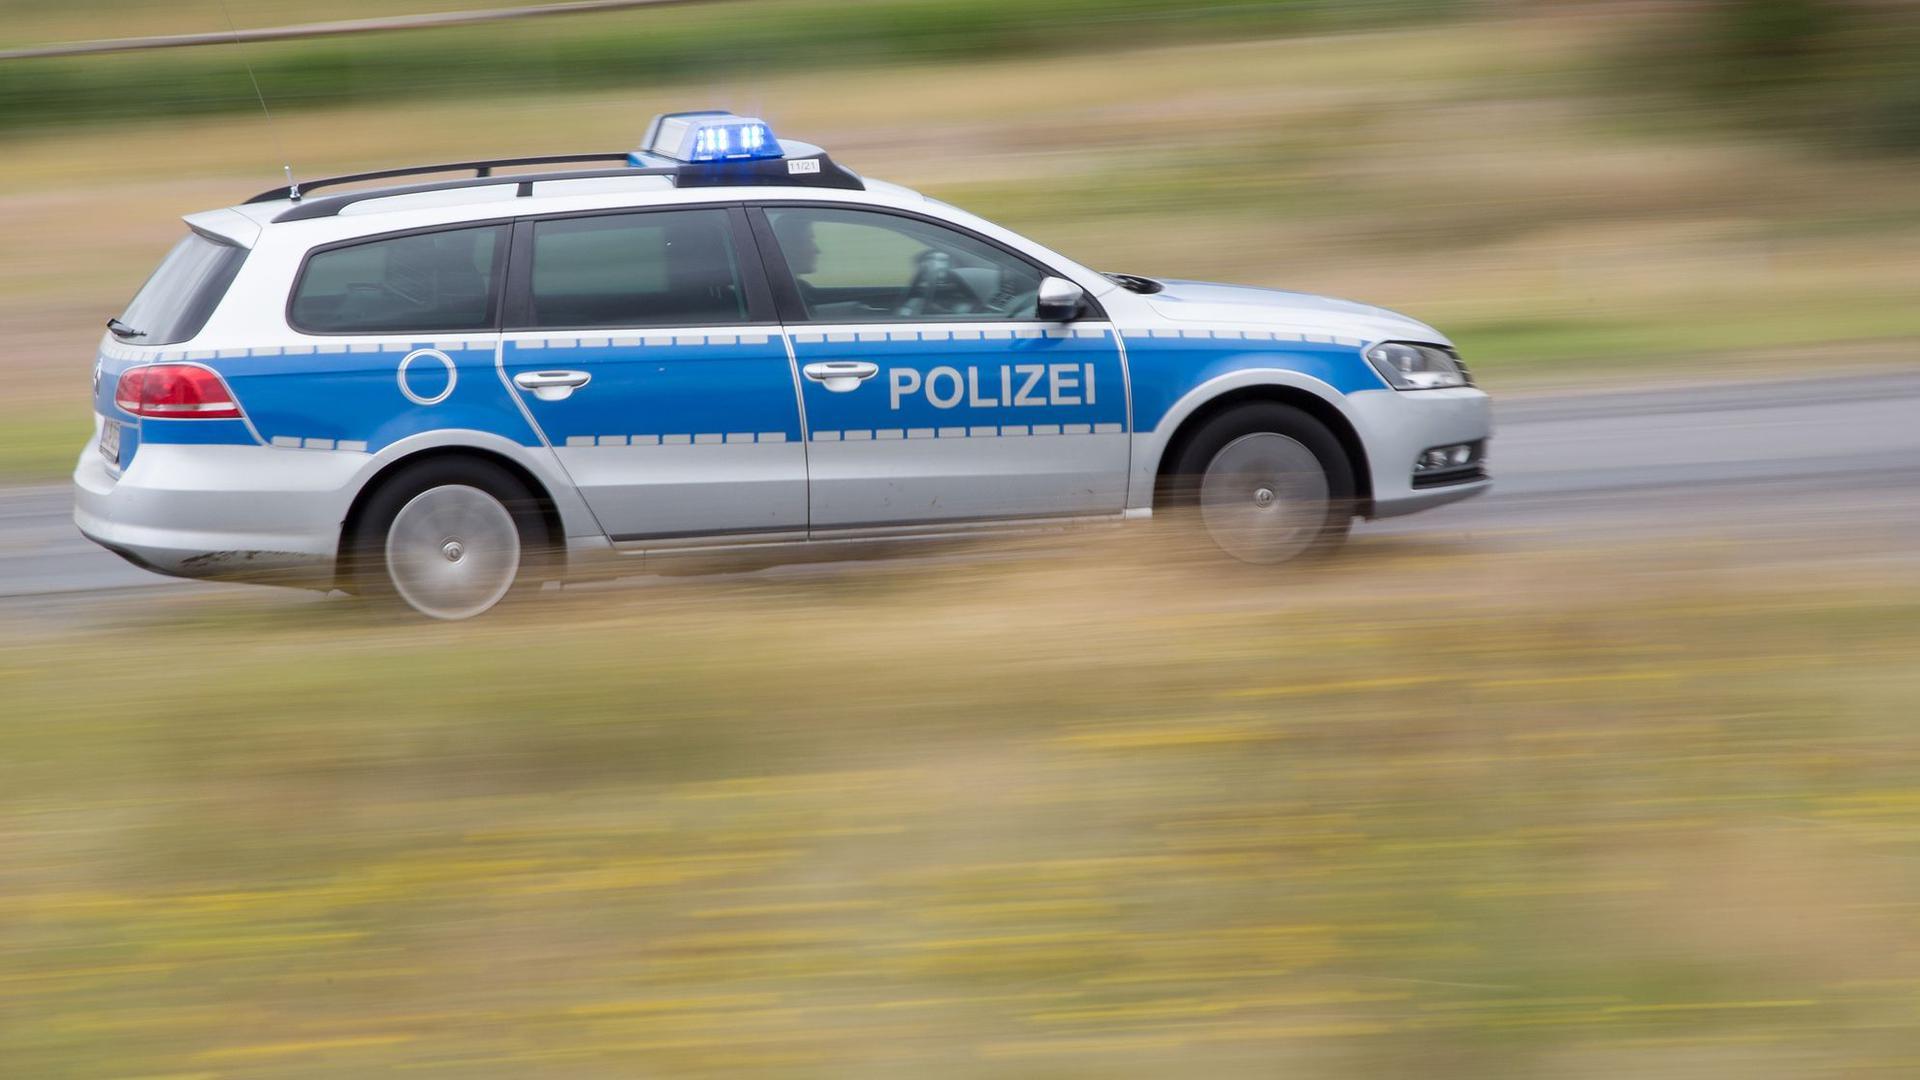 Ein Streifenwagen fährt mit Blaulicht über eine Straße.